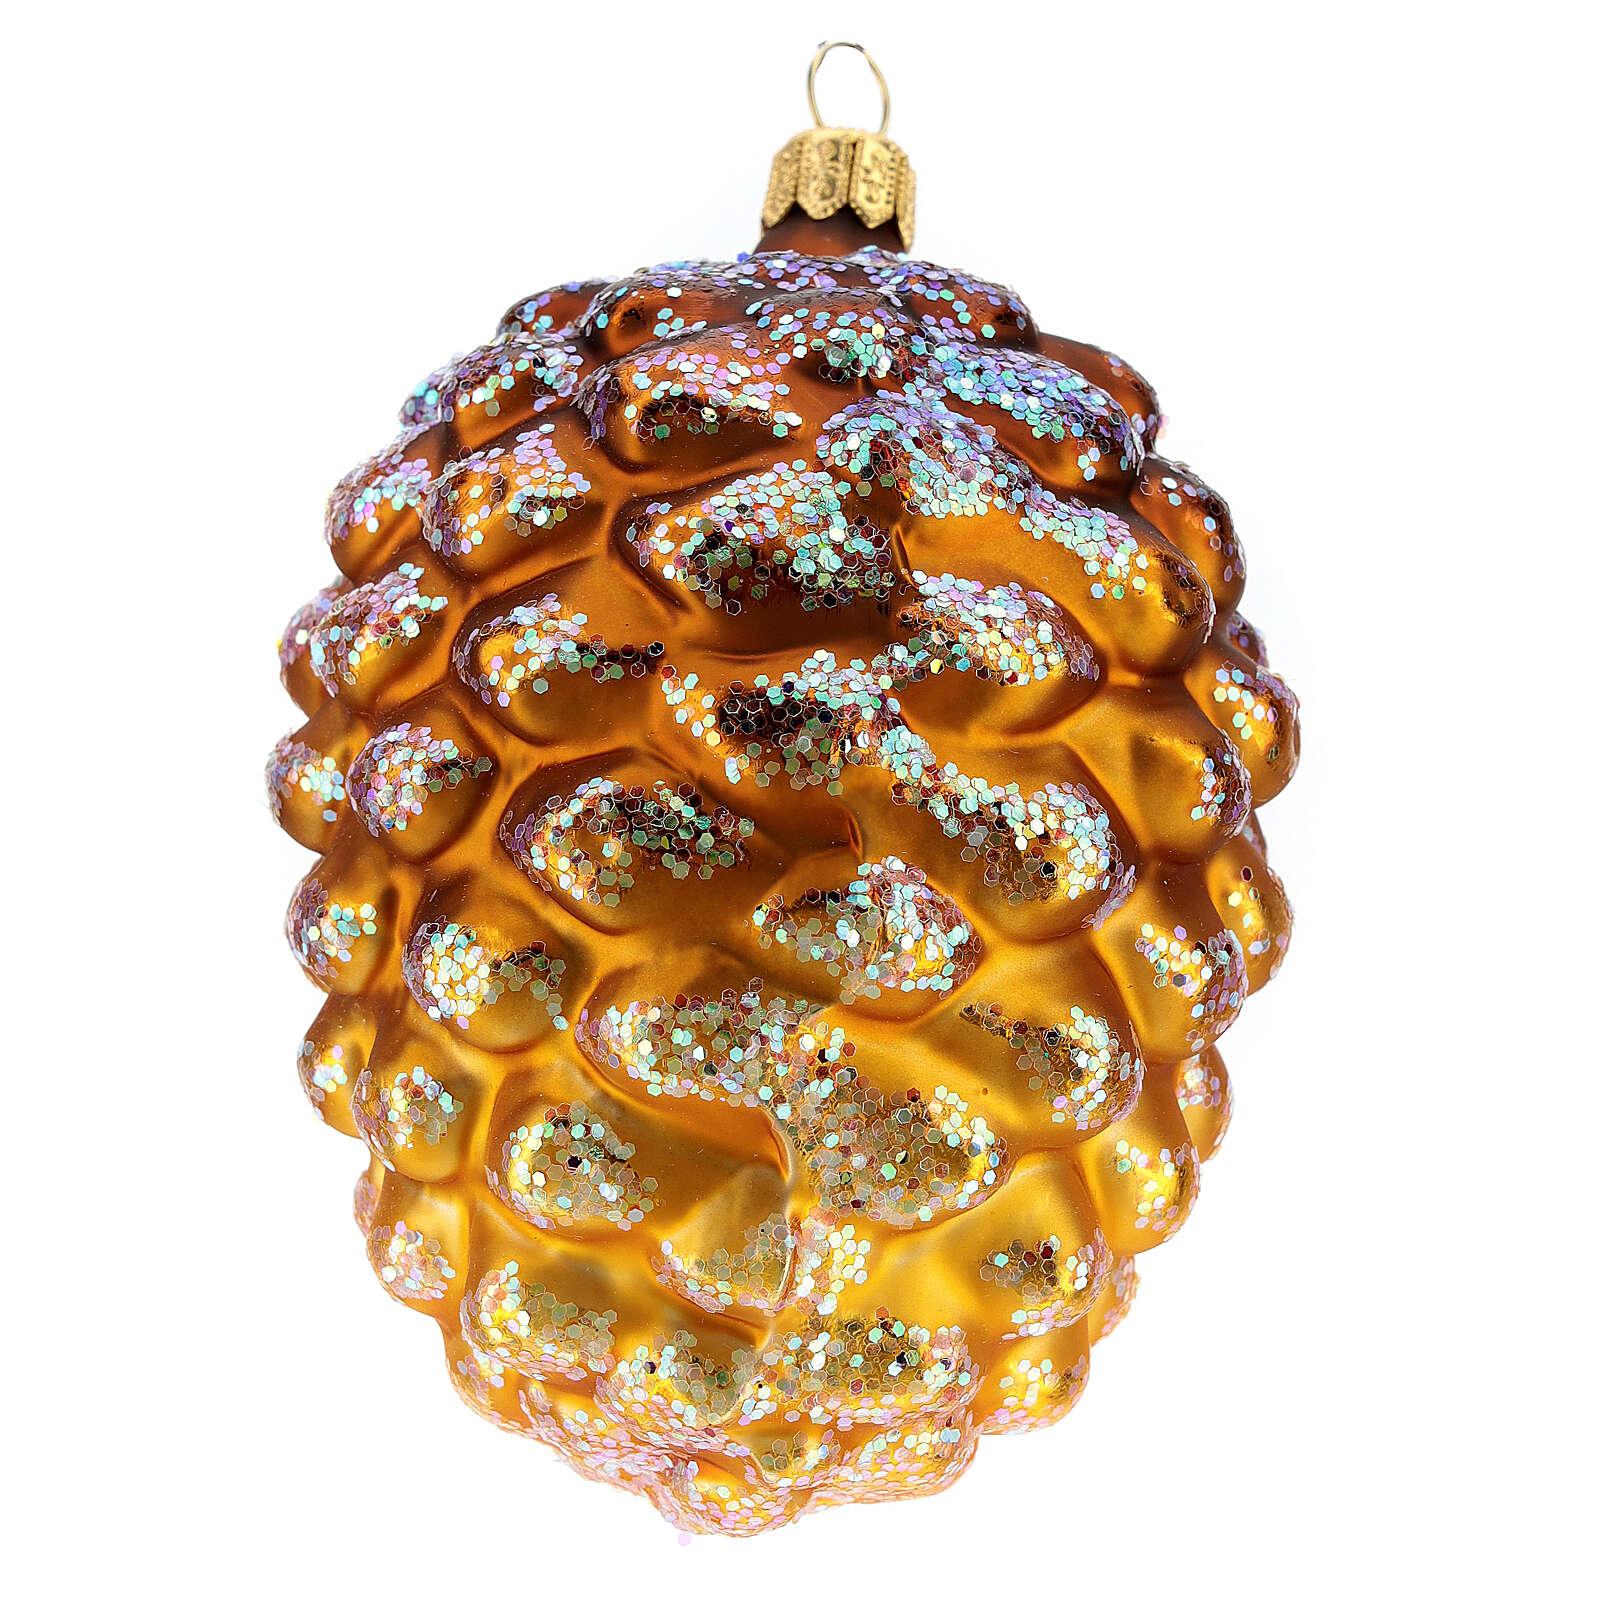 Piña dorada vidrio soplado decoración árbol Navidad 4